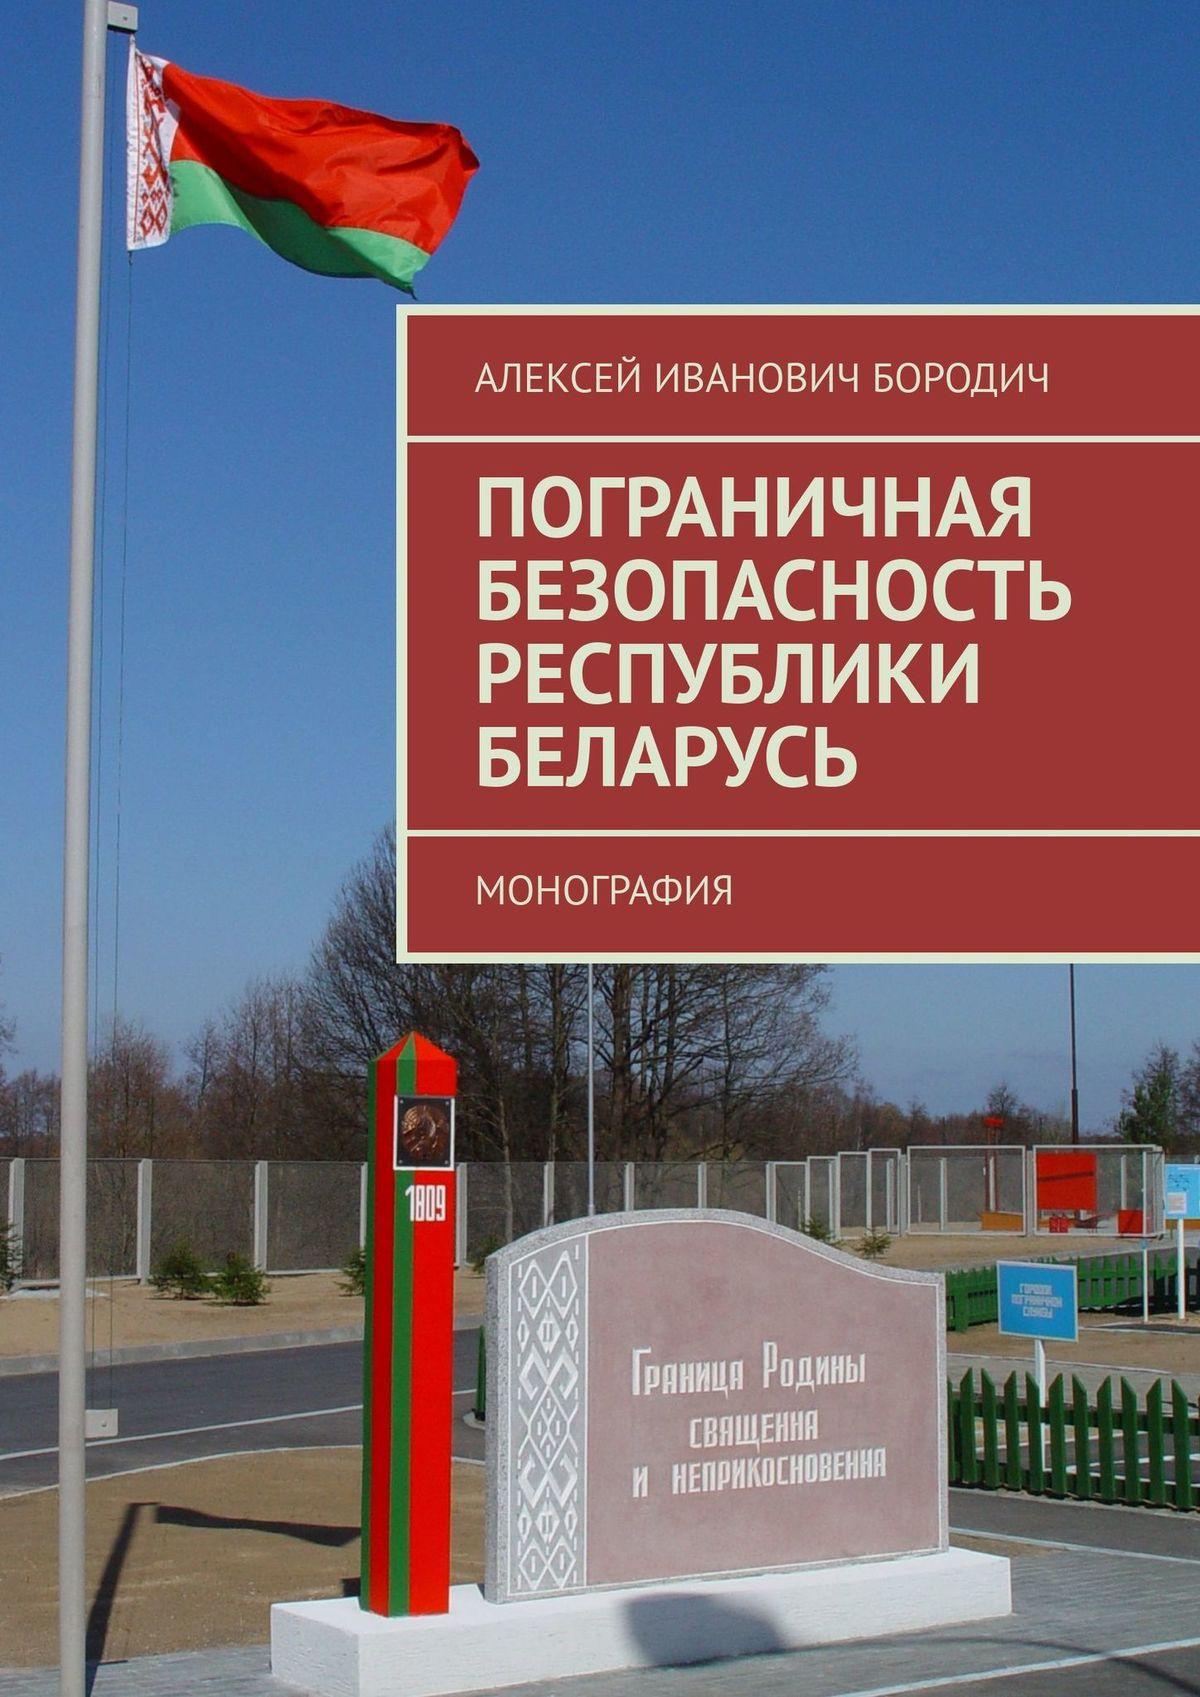 Алексей Иванович Бородич Пограничная безопасность Республики Беларусь. Монография